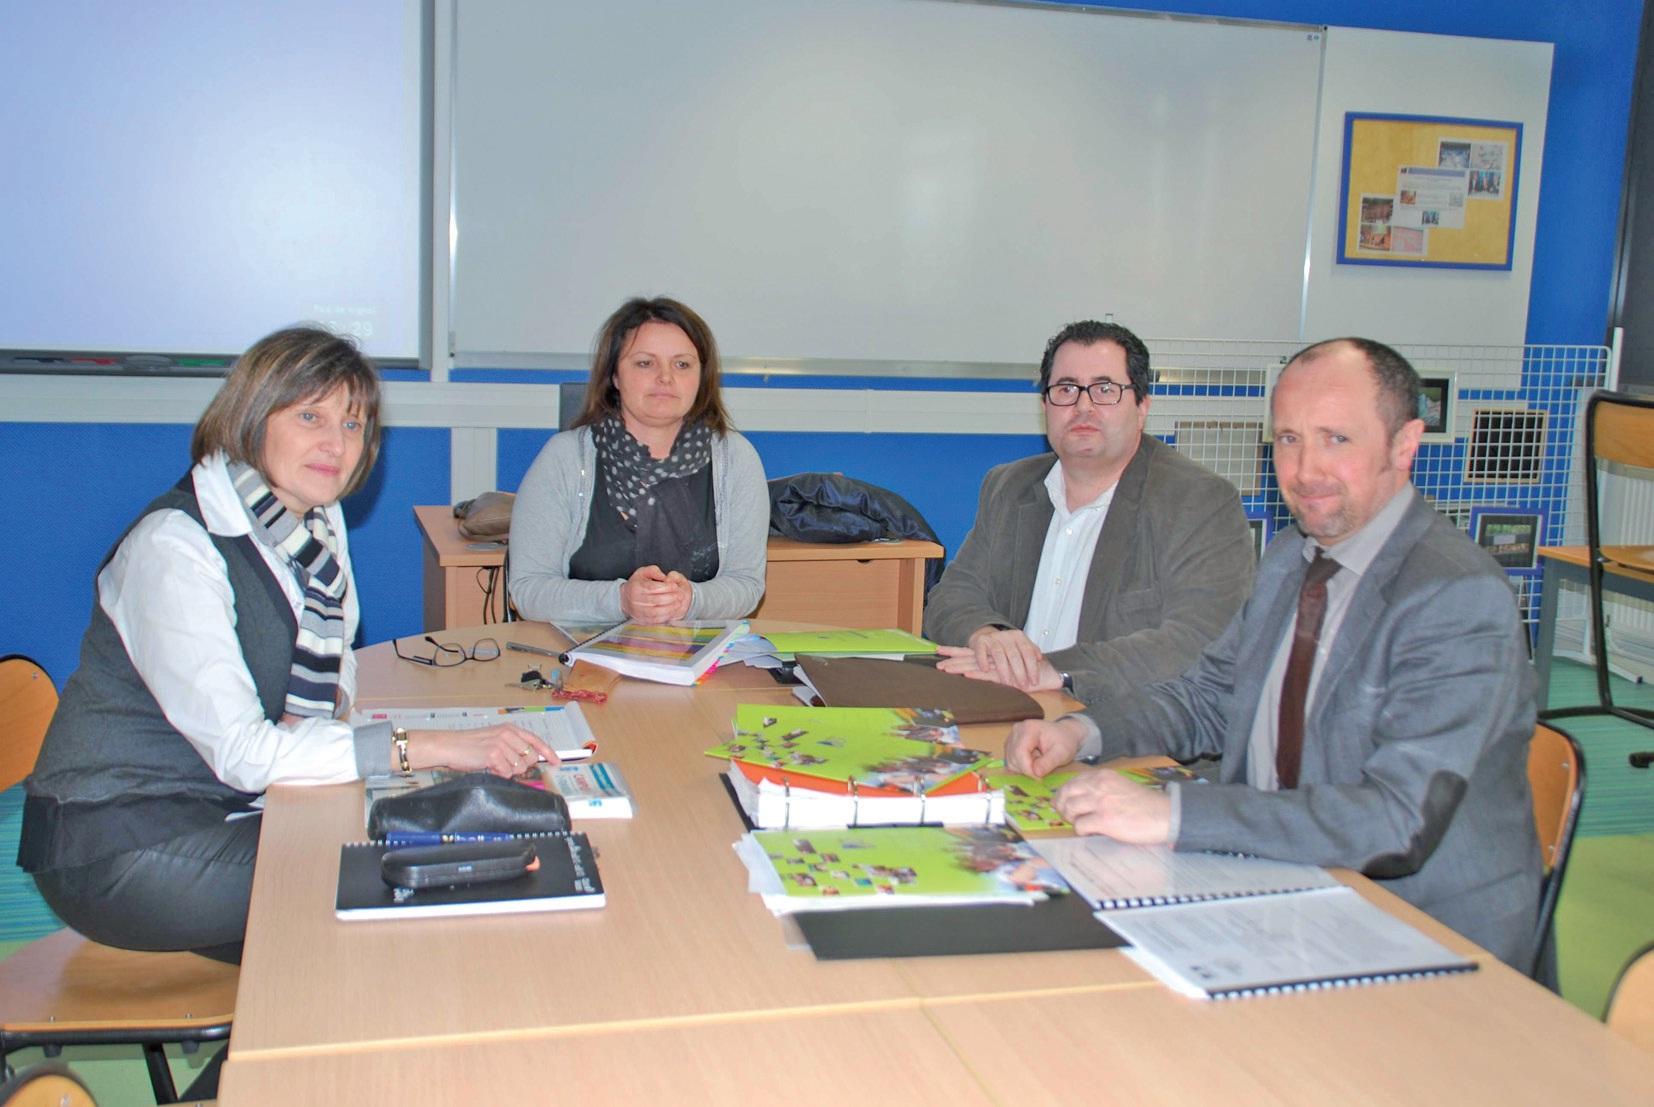 Les responsables de la nouvelle formation : Arlette Lebourg, Sandrine Germe, Antoine Bataille et Philippe Descamps (de gauche à droite).